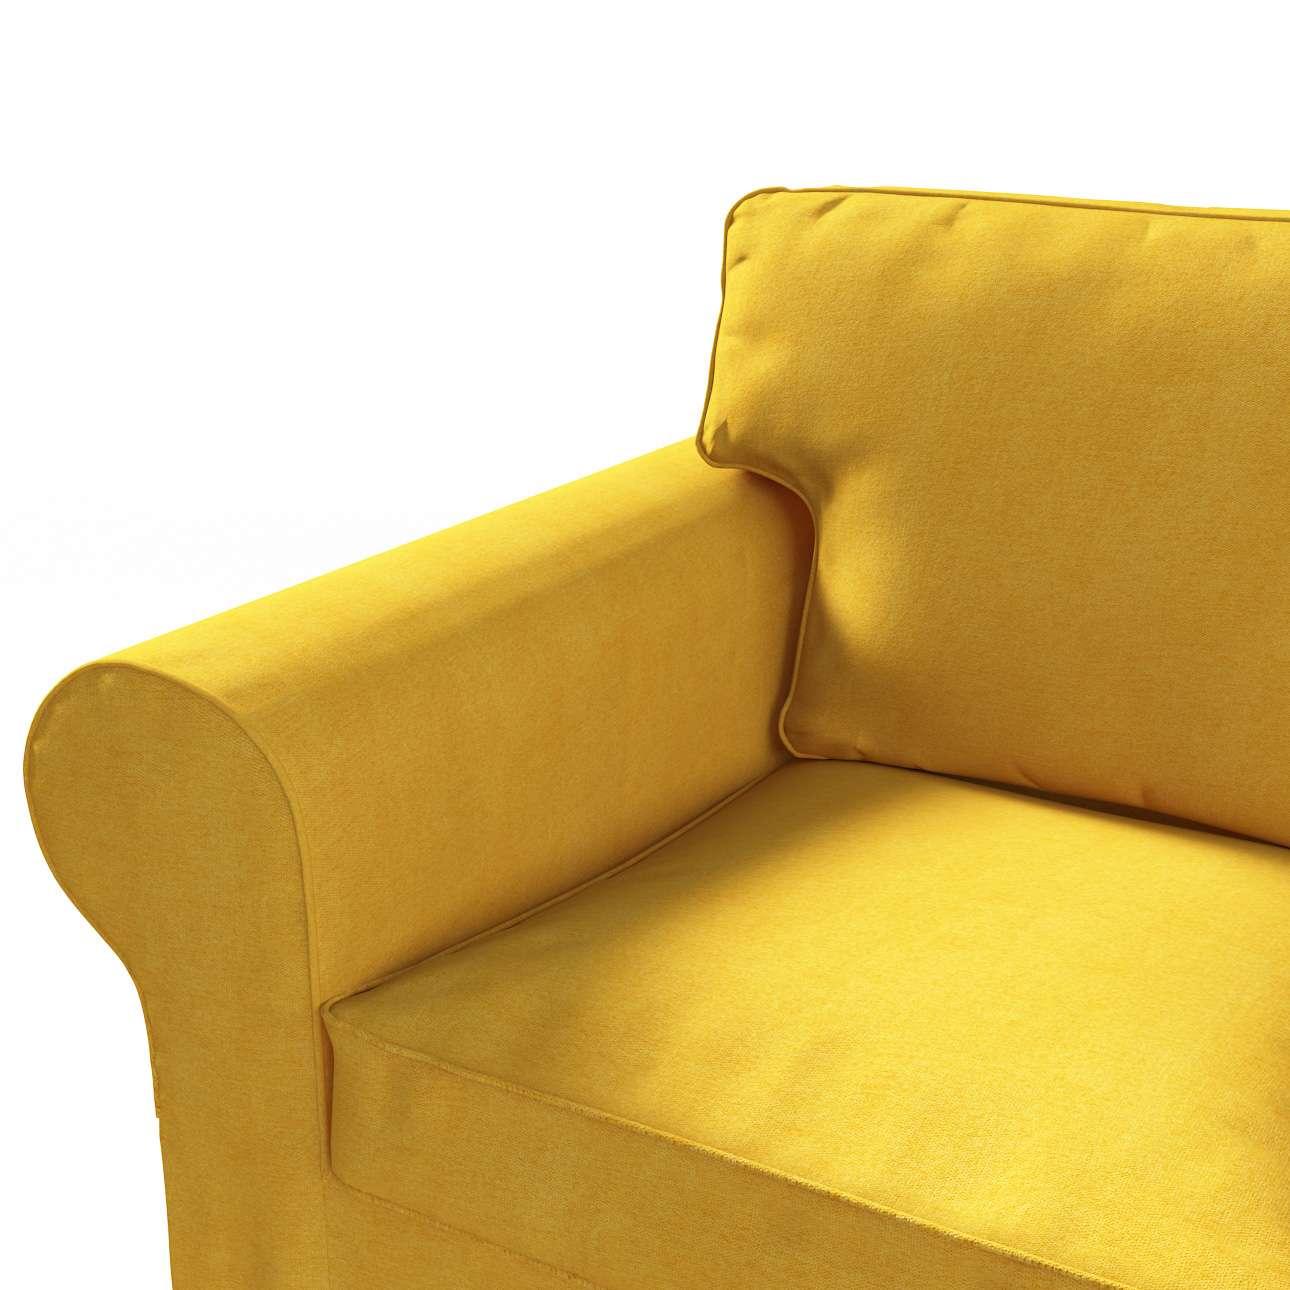 Pokrowiec na sofę Ektorp 3-osobową, rozkładaną, PIXBO w kolekcji Etna, tkanina: 705-04